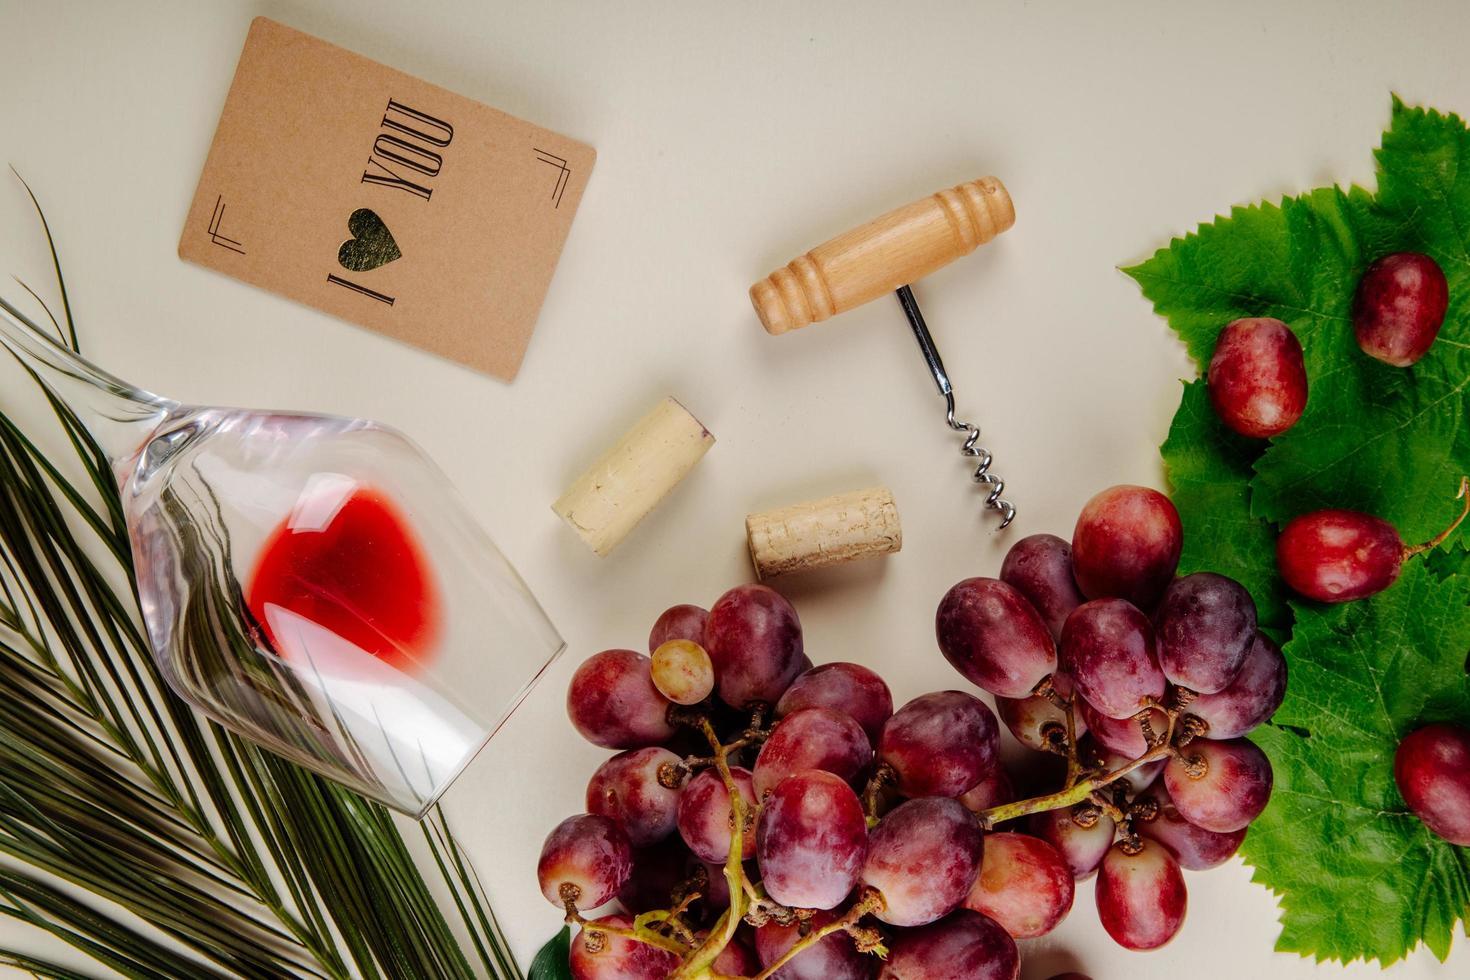 vista dall'alto di vino e uva foto